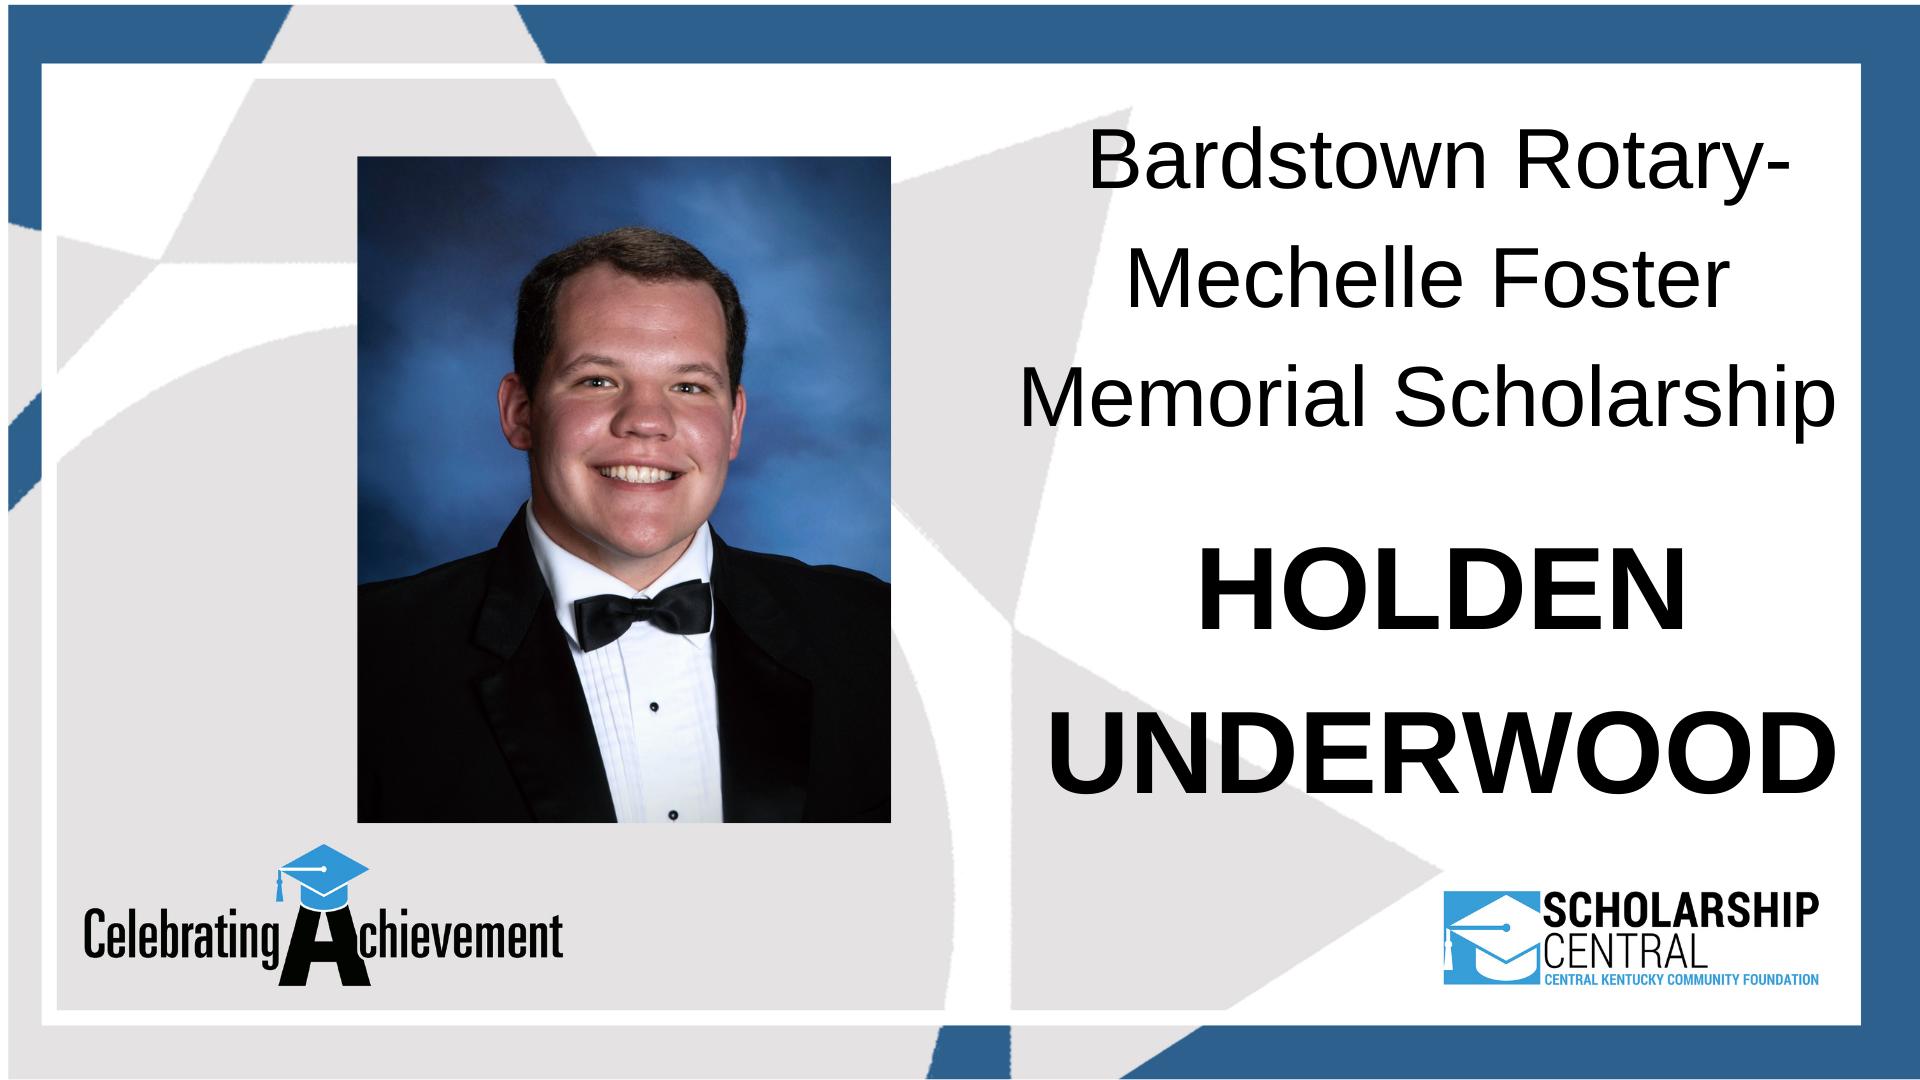 Bardstown Rotary Mechelle Foster Memorial Scholarship Winner